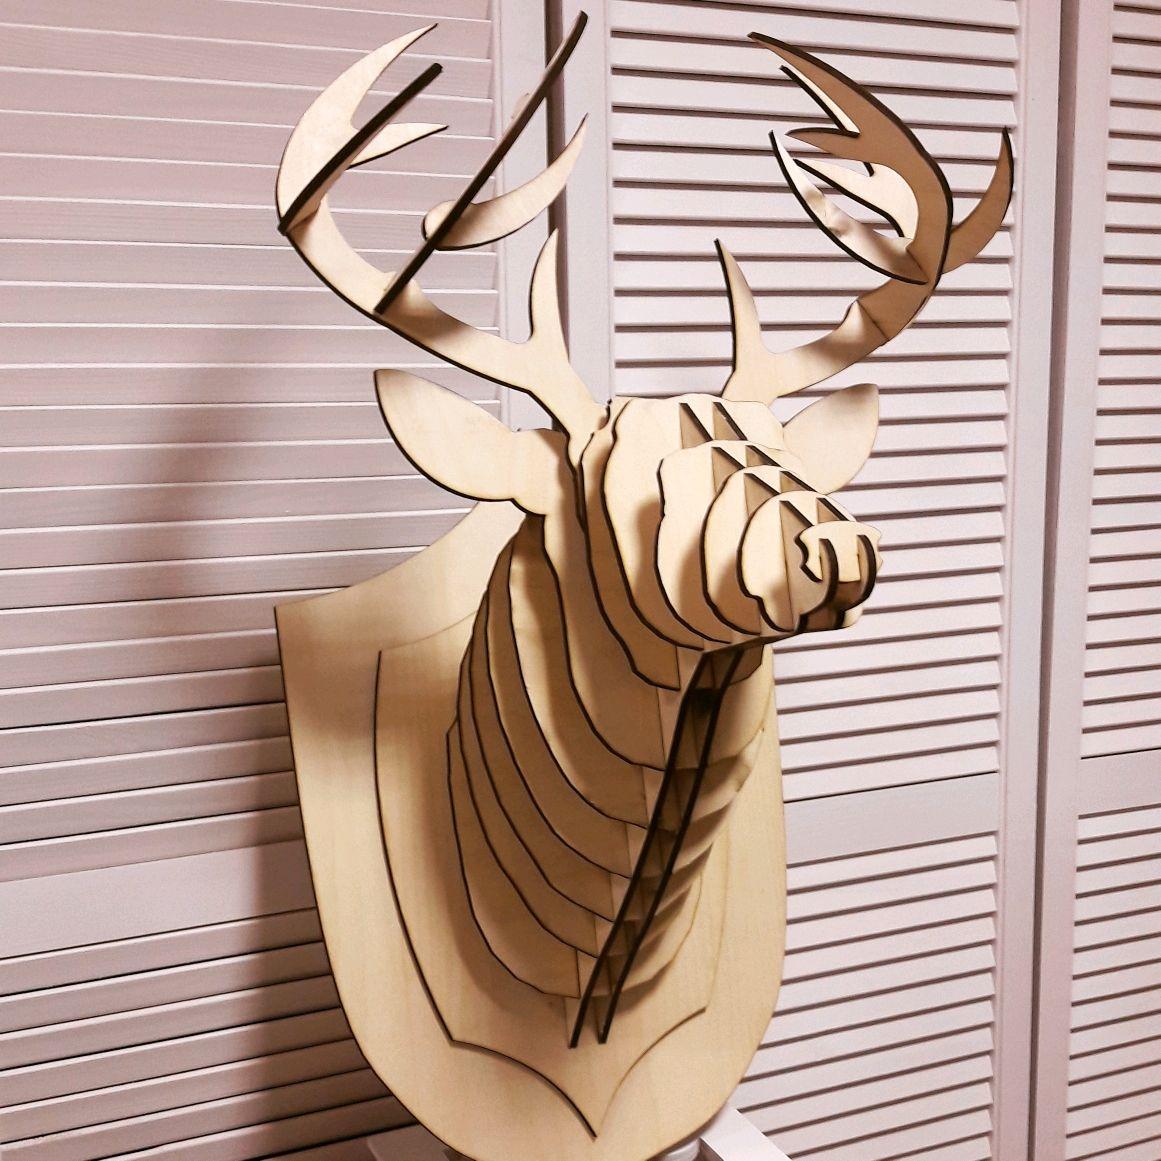 Автомобильные ручной работы. Ярмарка Мастеров - ручная работа. Купить Голова оленя. Handmade. Подарок мужчине, подарок на день рождения